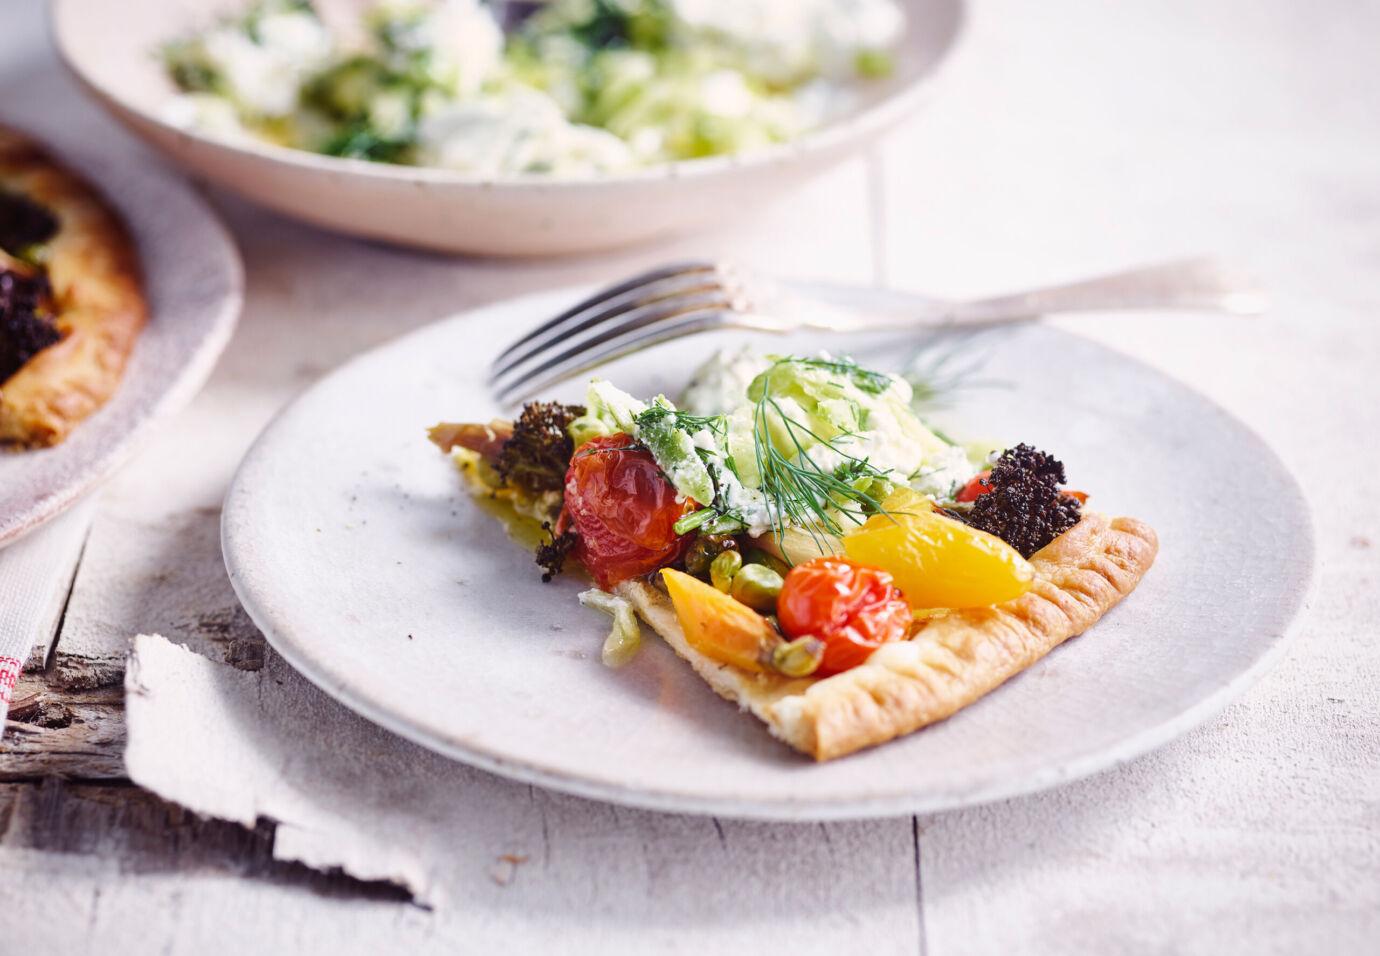 Groententaart-met-mosterd-afgewerkt-met-tzatziki-burrata-door-sofie-dumont